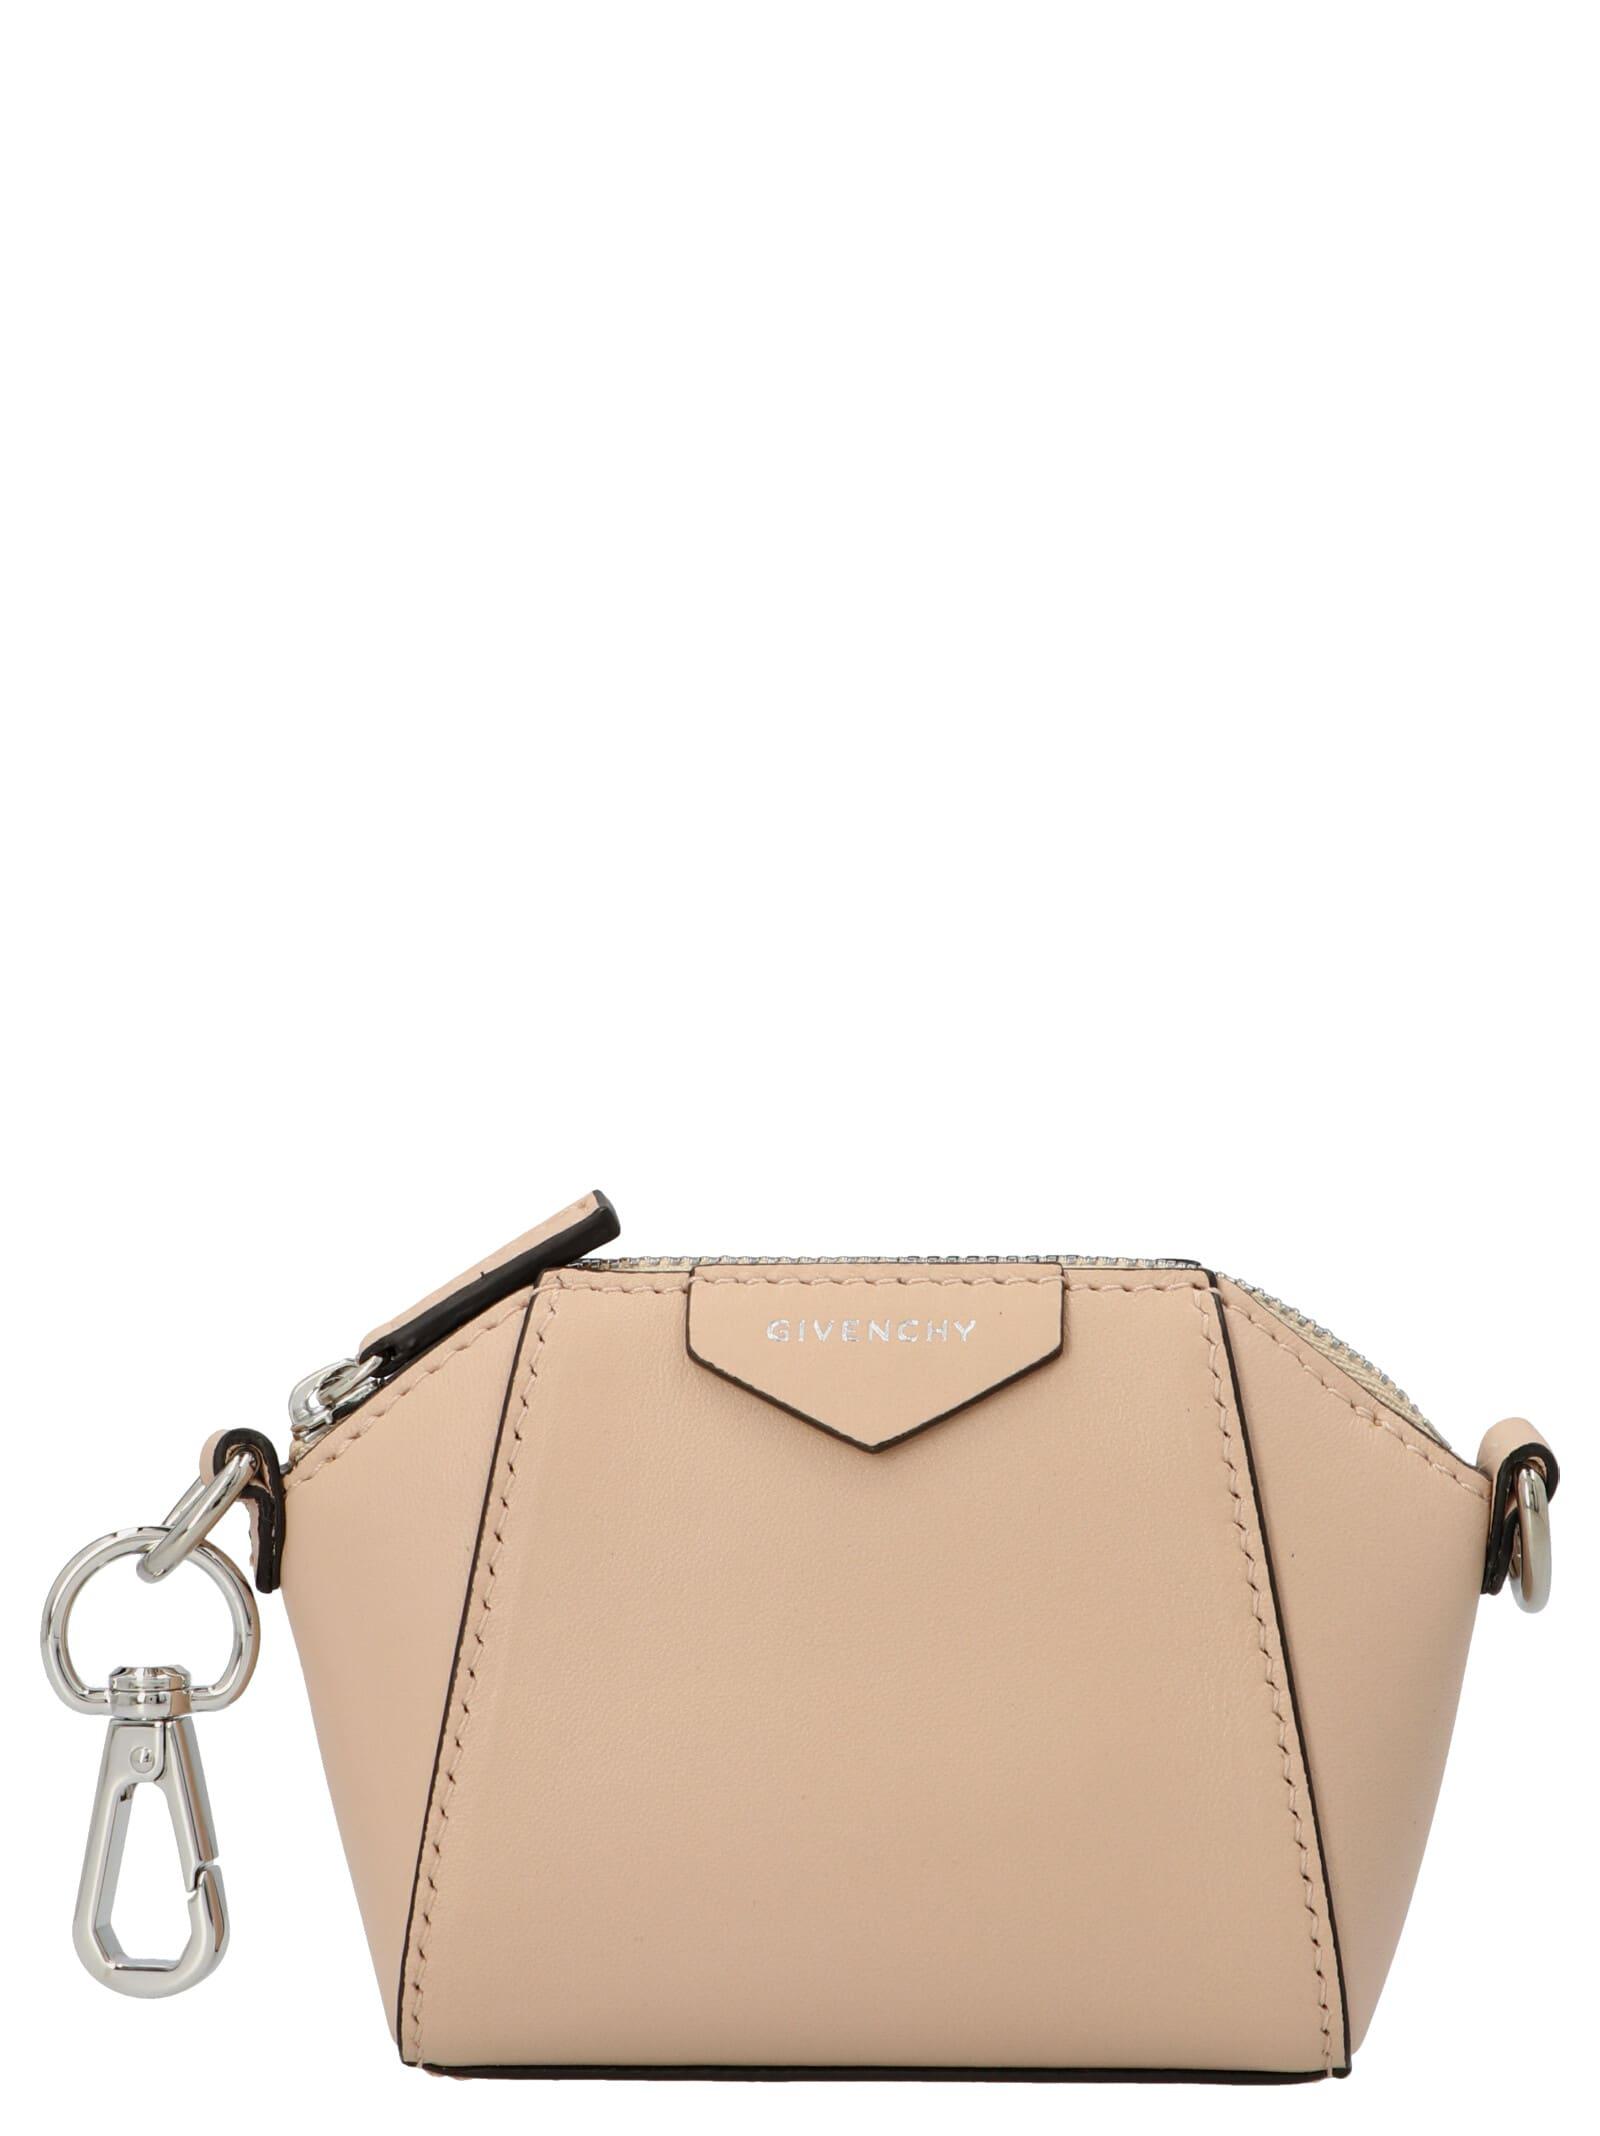 Givenchy Antigona Baby Bag In Pink